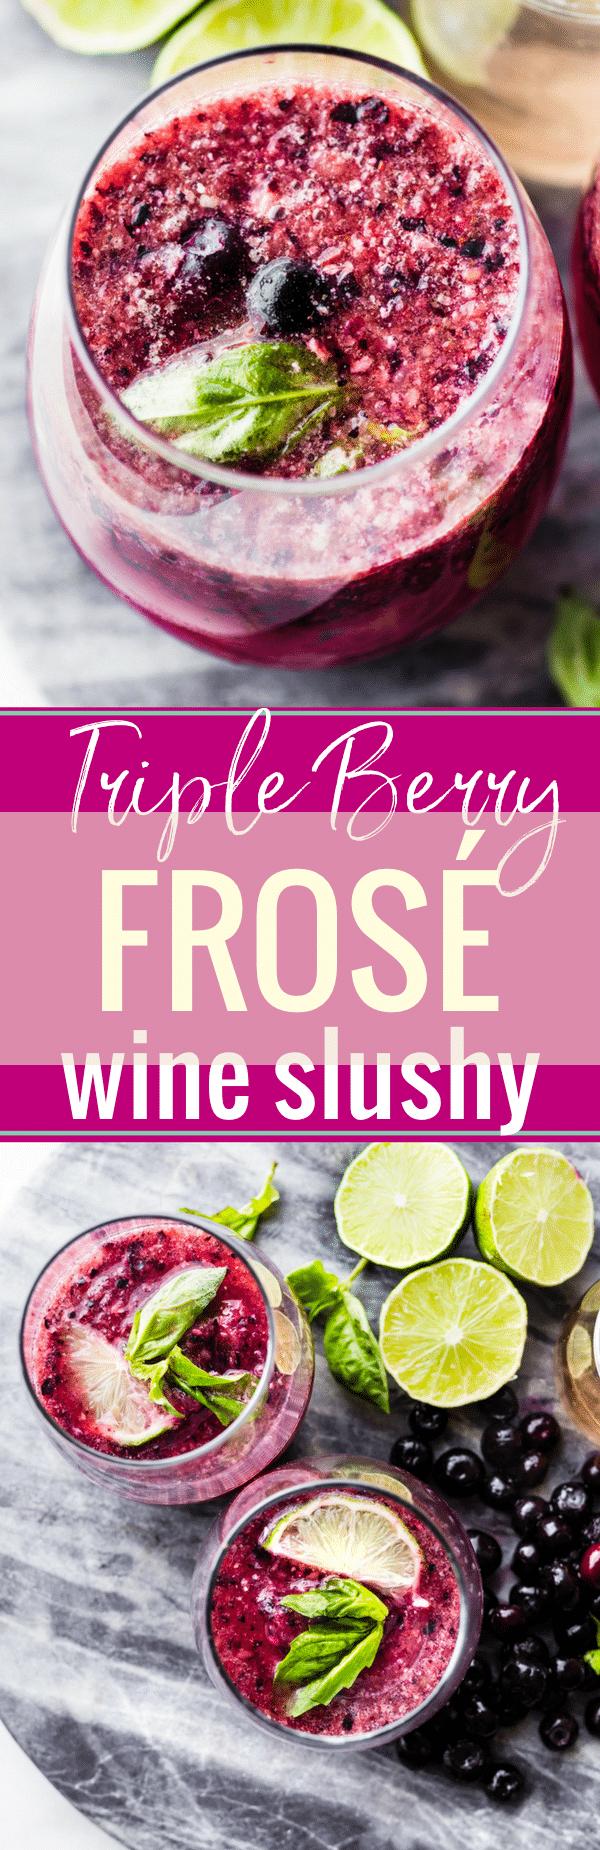 riple Berry Frosé Recipe (aka Frozen Rosé) is a little